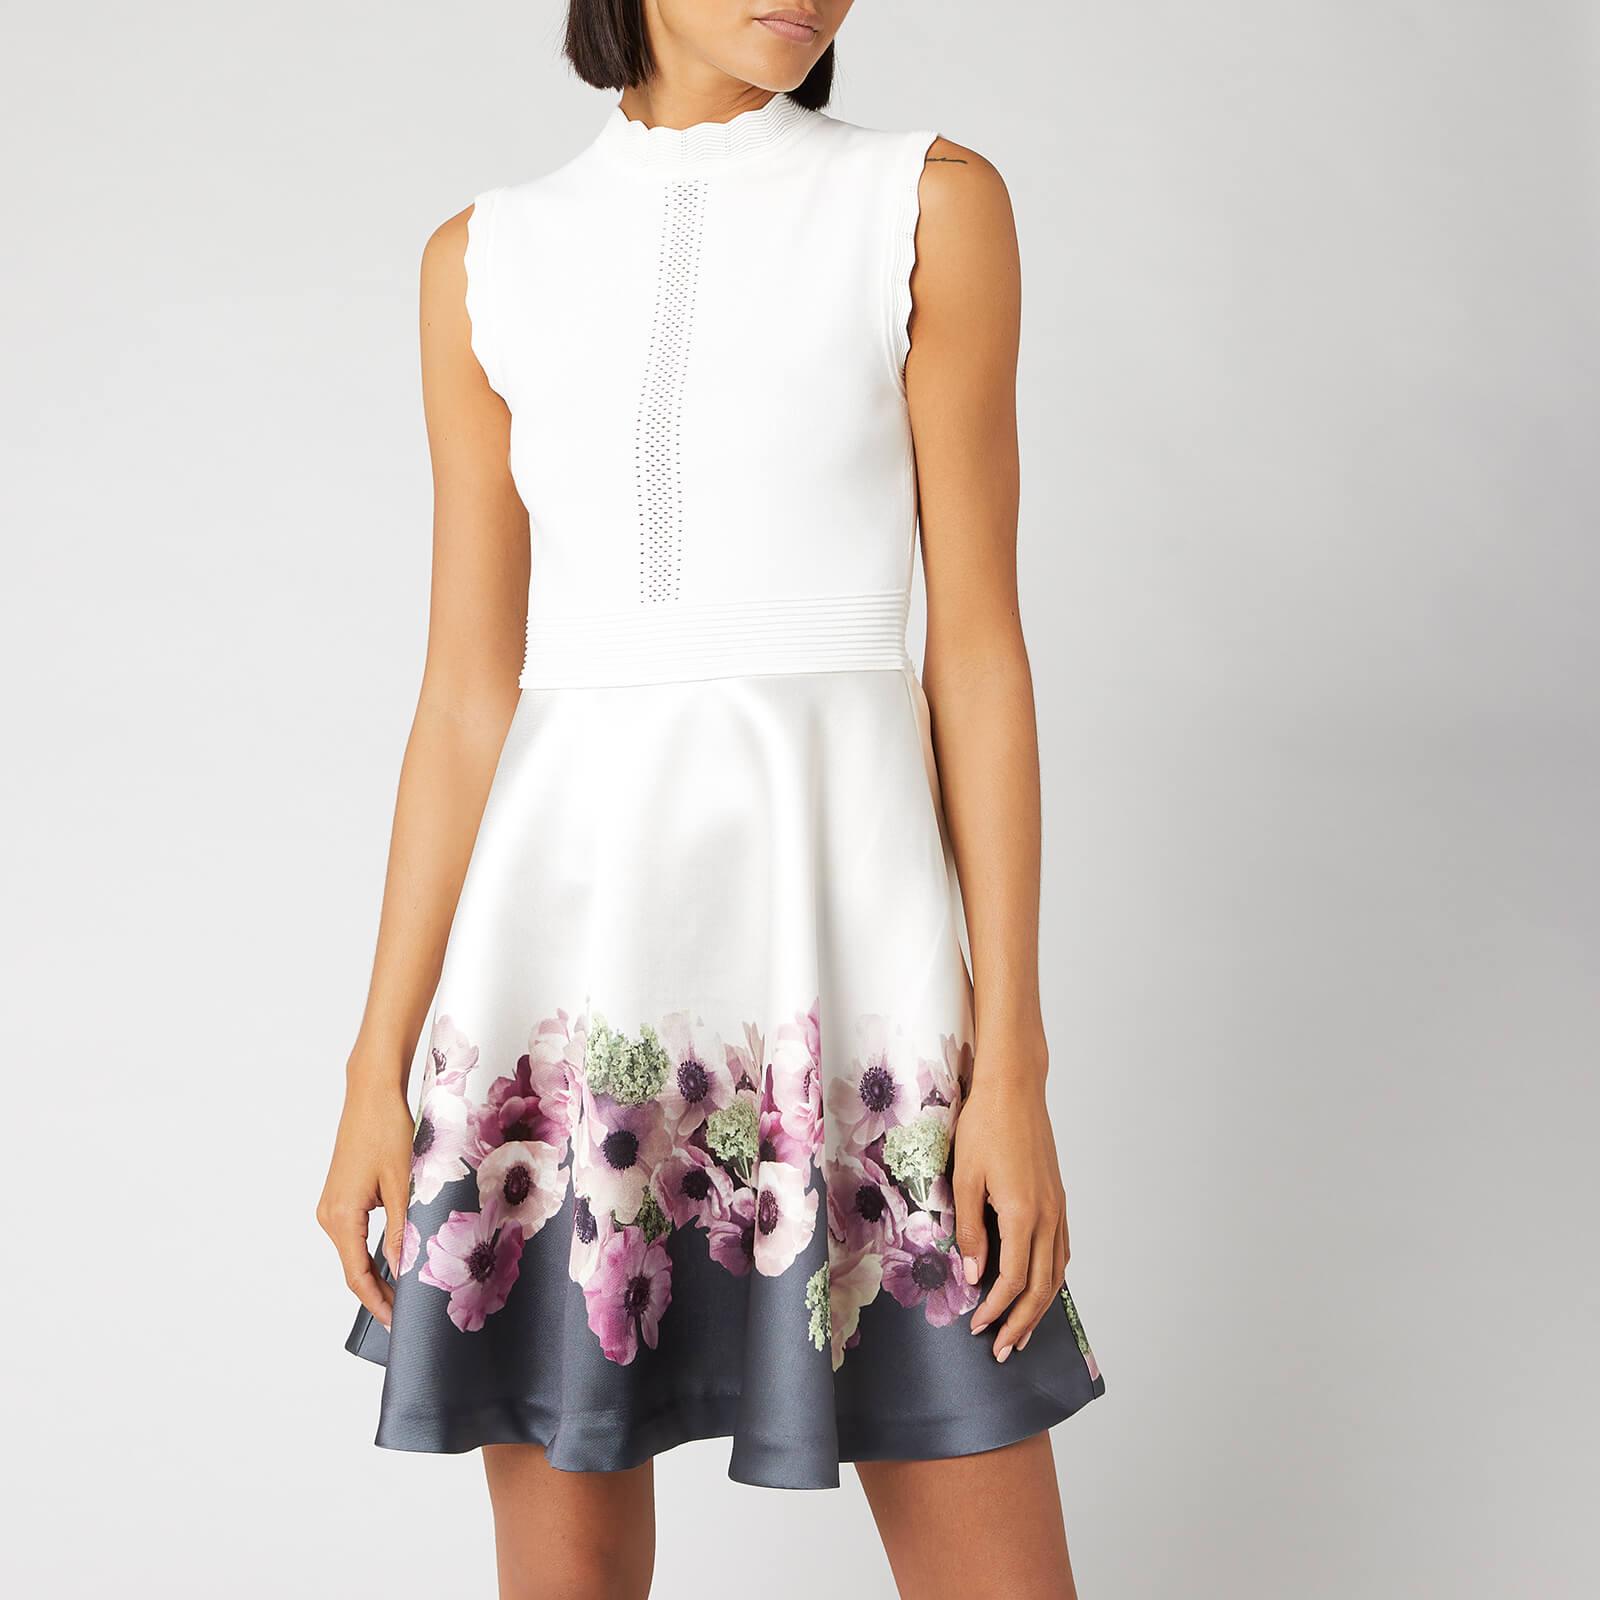 Ted Baker Women's Janyis Neopolitan Skater Dress - Ivory - 2/UK 10 - Cream